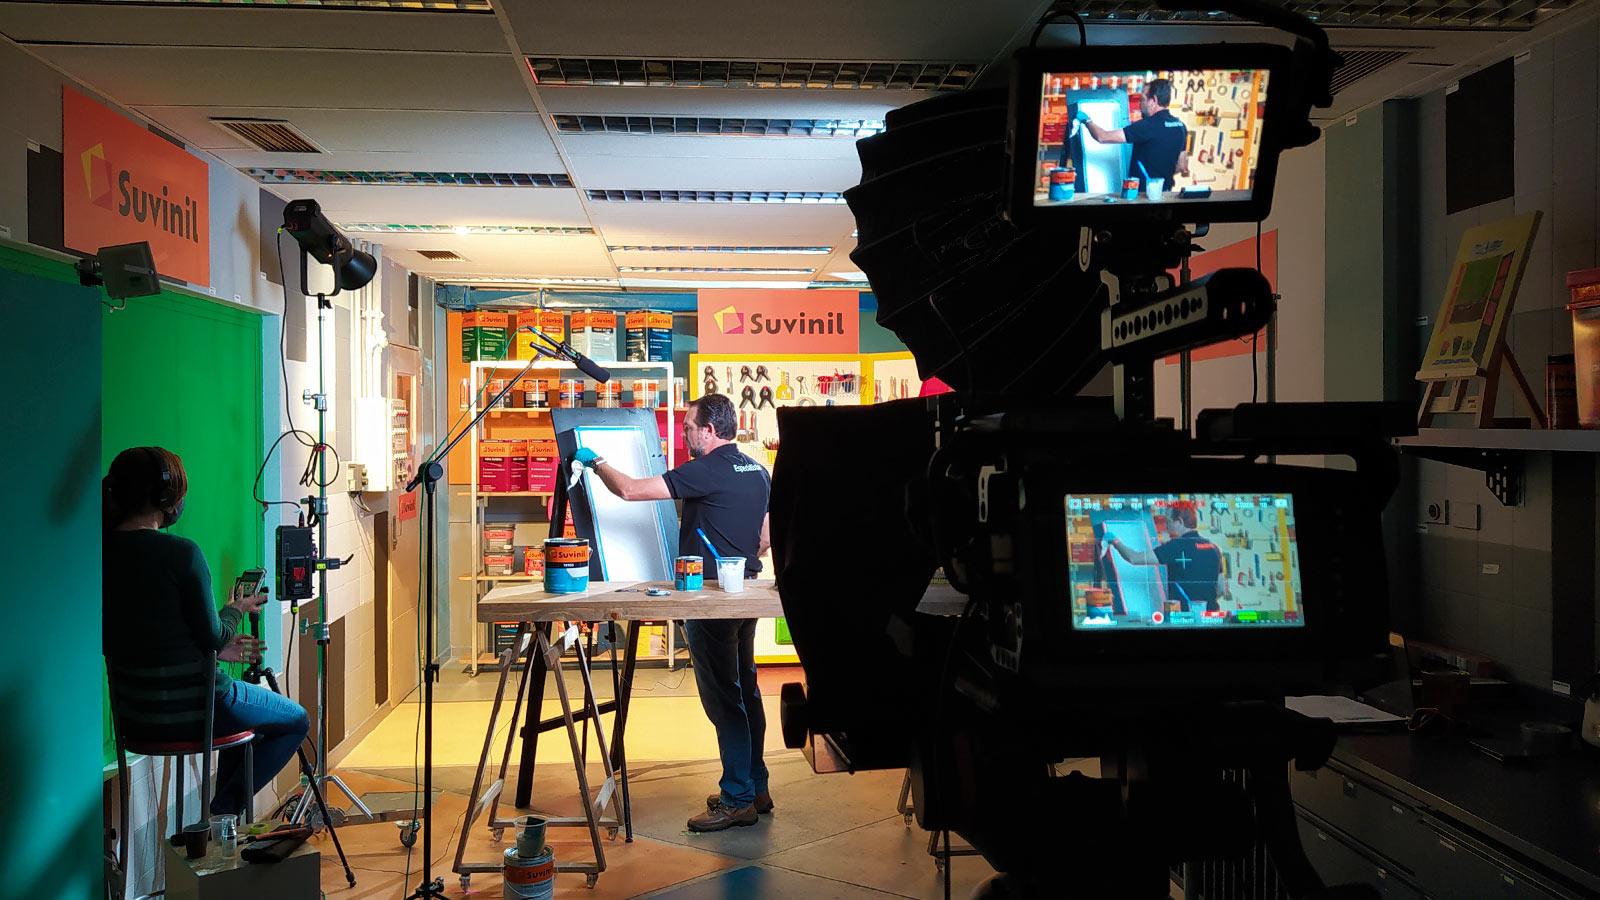 dumela filmes video institucional conteudo marcante - Vídeos Institucionais para empresas